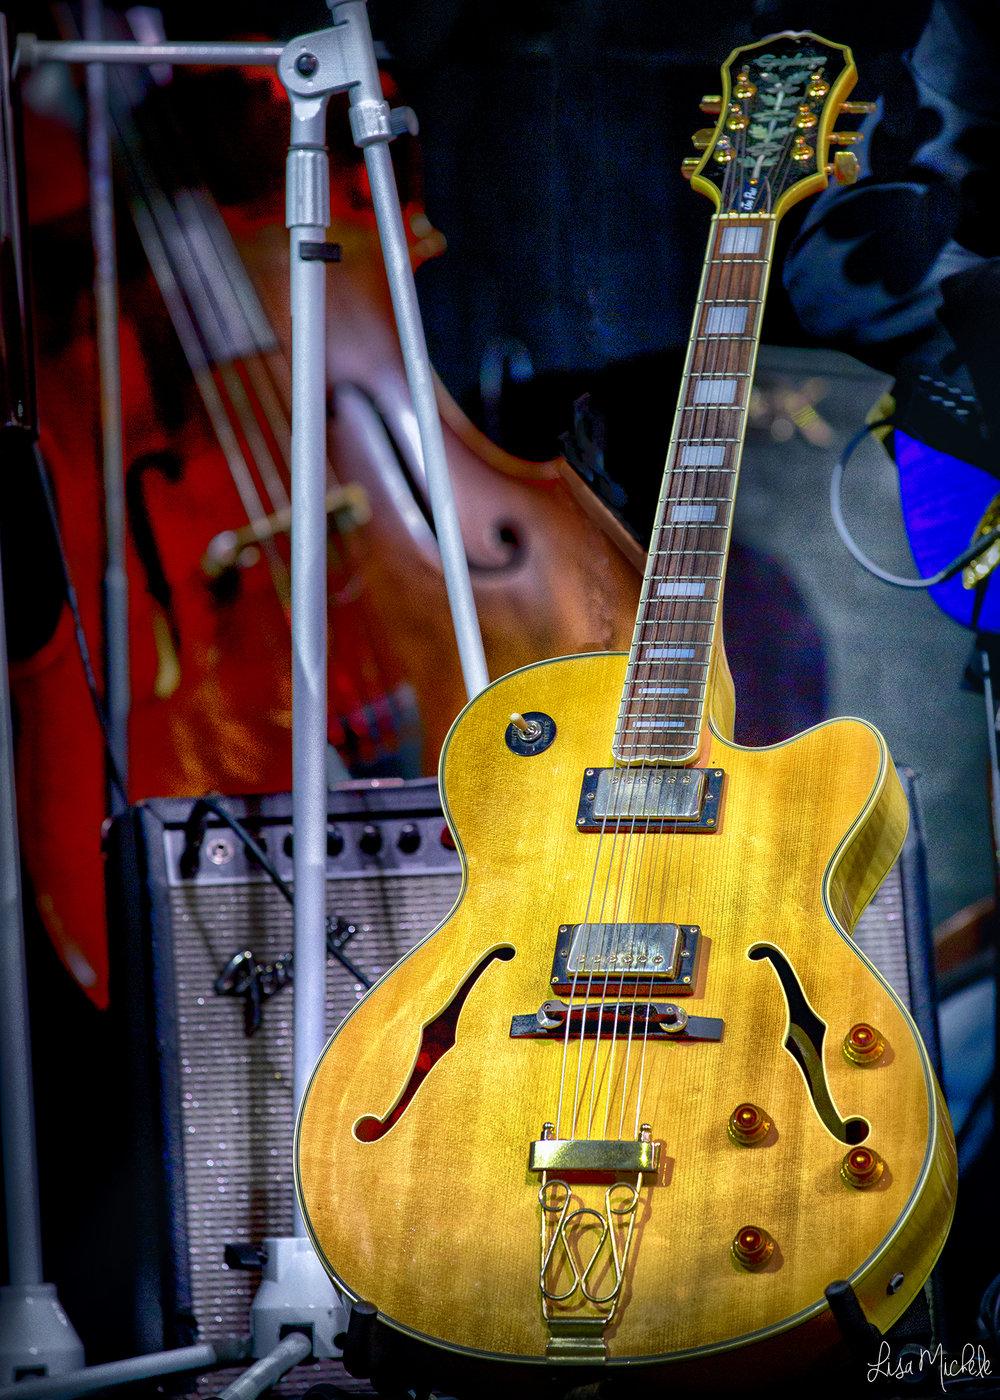 FJF.guitar pic.jpg